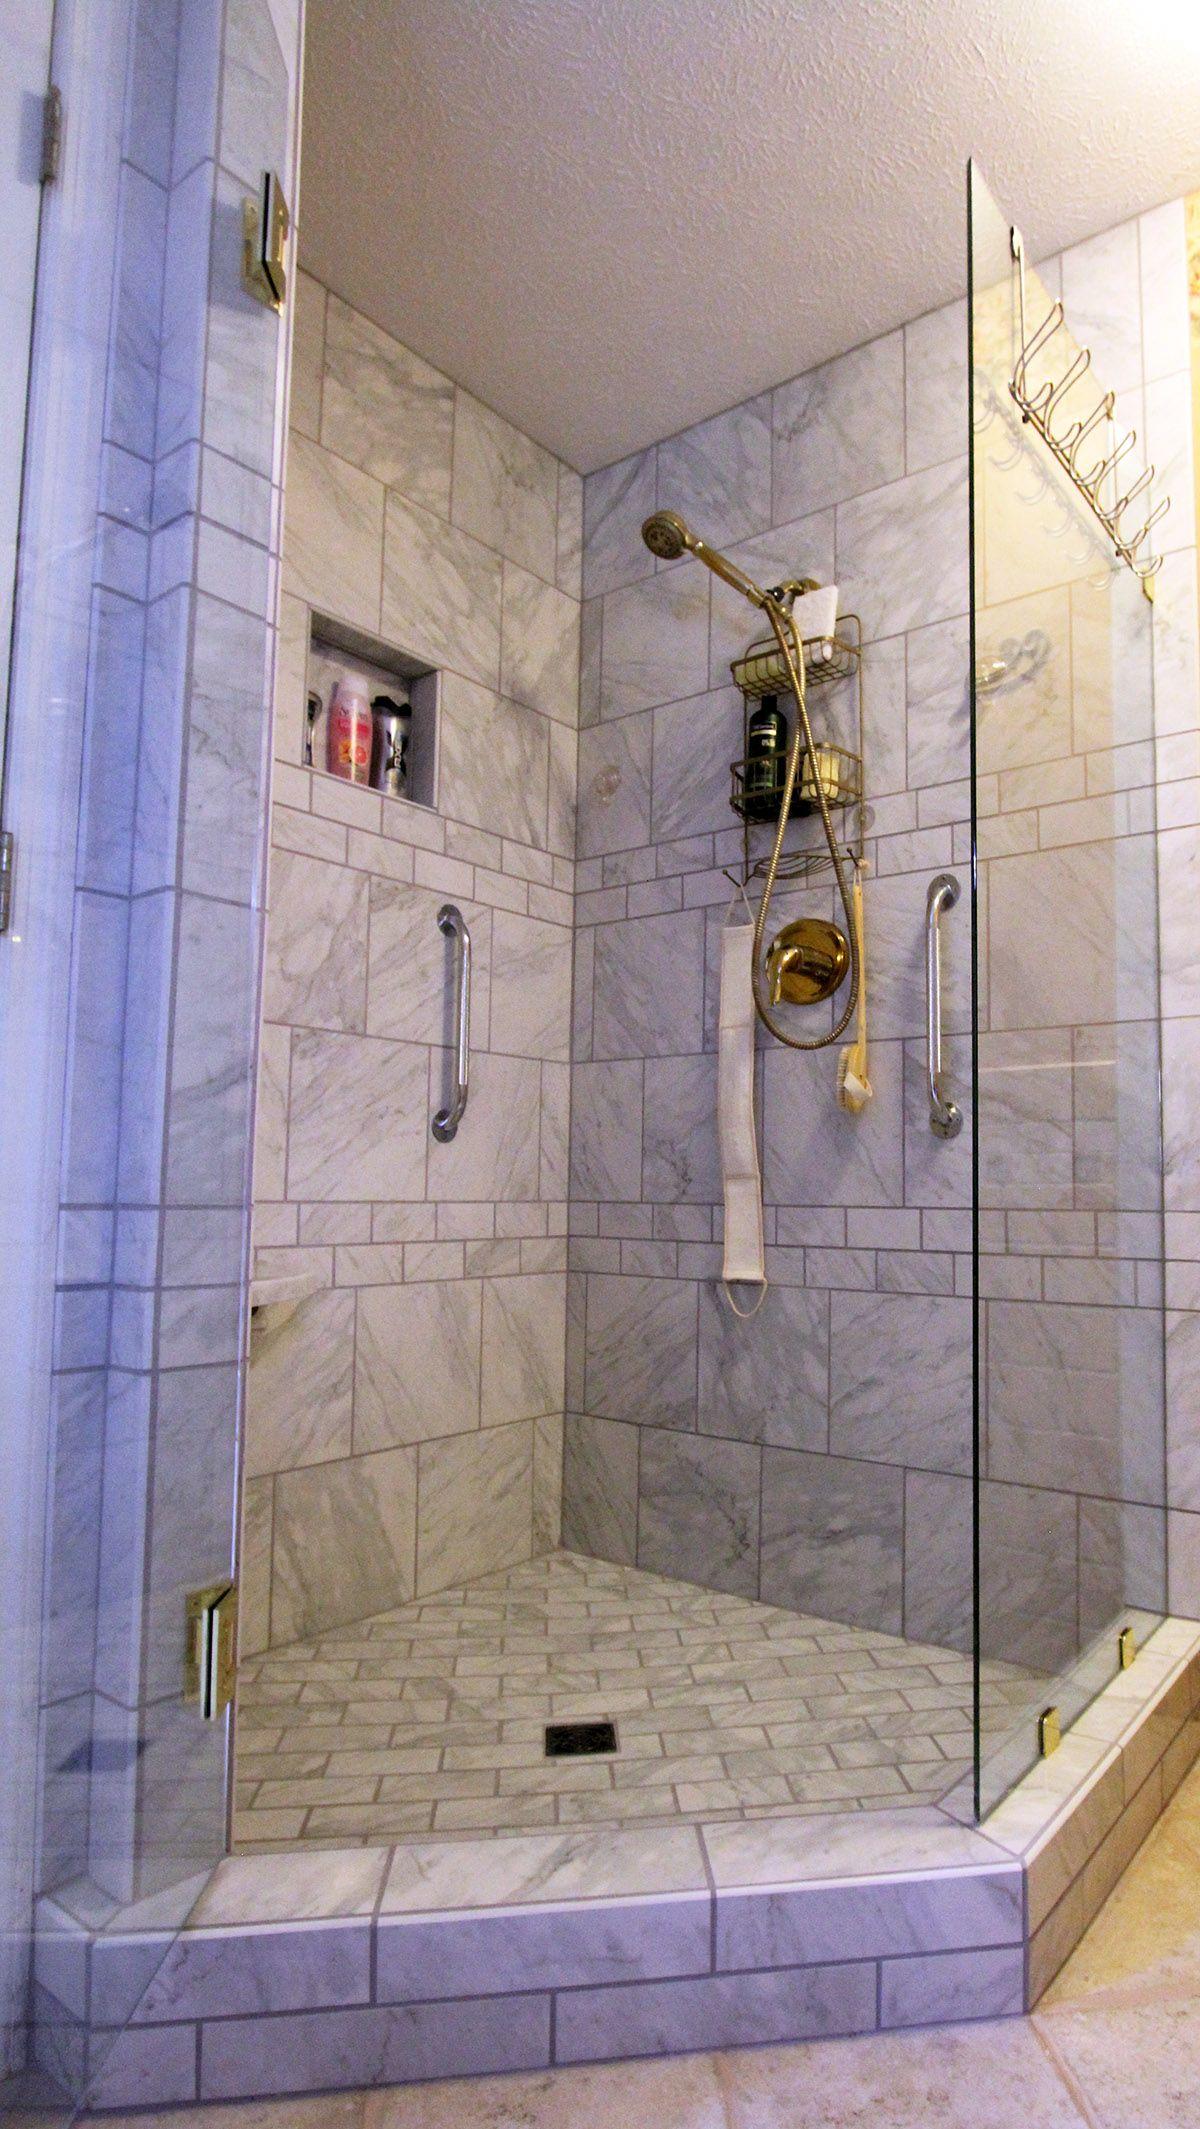 Ventanio 12x12 And 3x6 Tile Shower Carpet Flooring Best Flooring Flooring